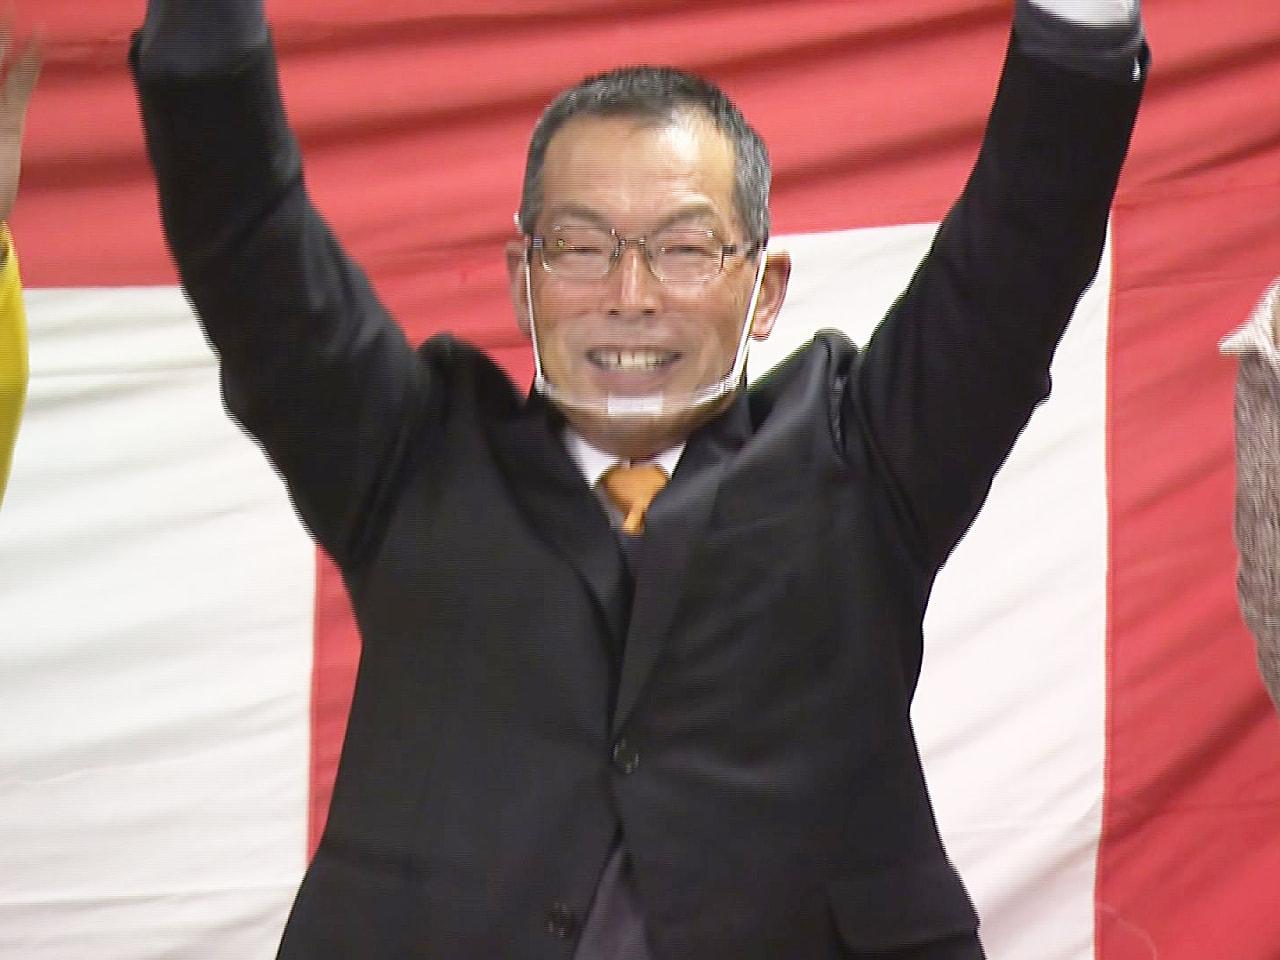 任期満了に伴う岐阜県加茂郡七宗町の町長選挙が21日に行われ、無所属の新人、加納福...